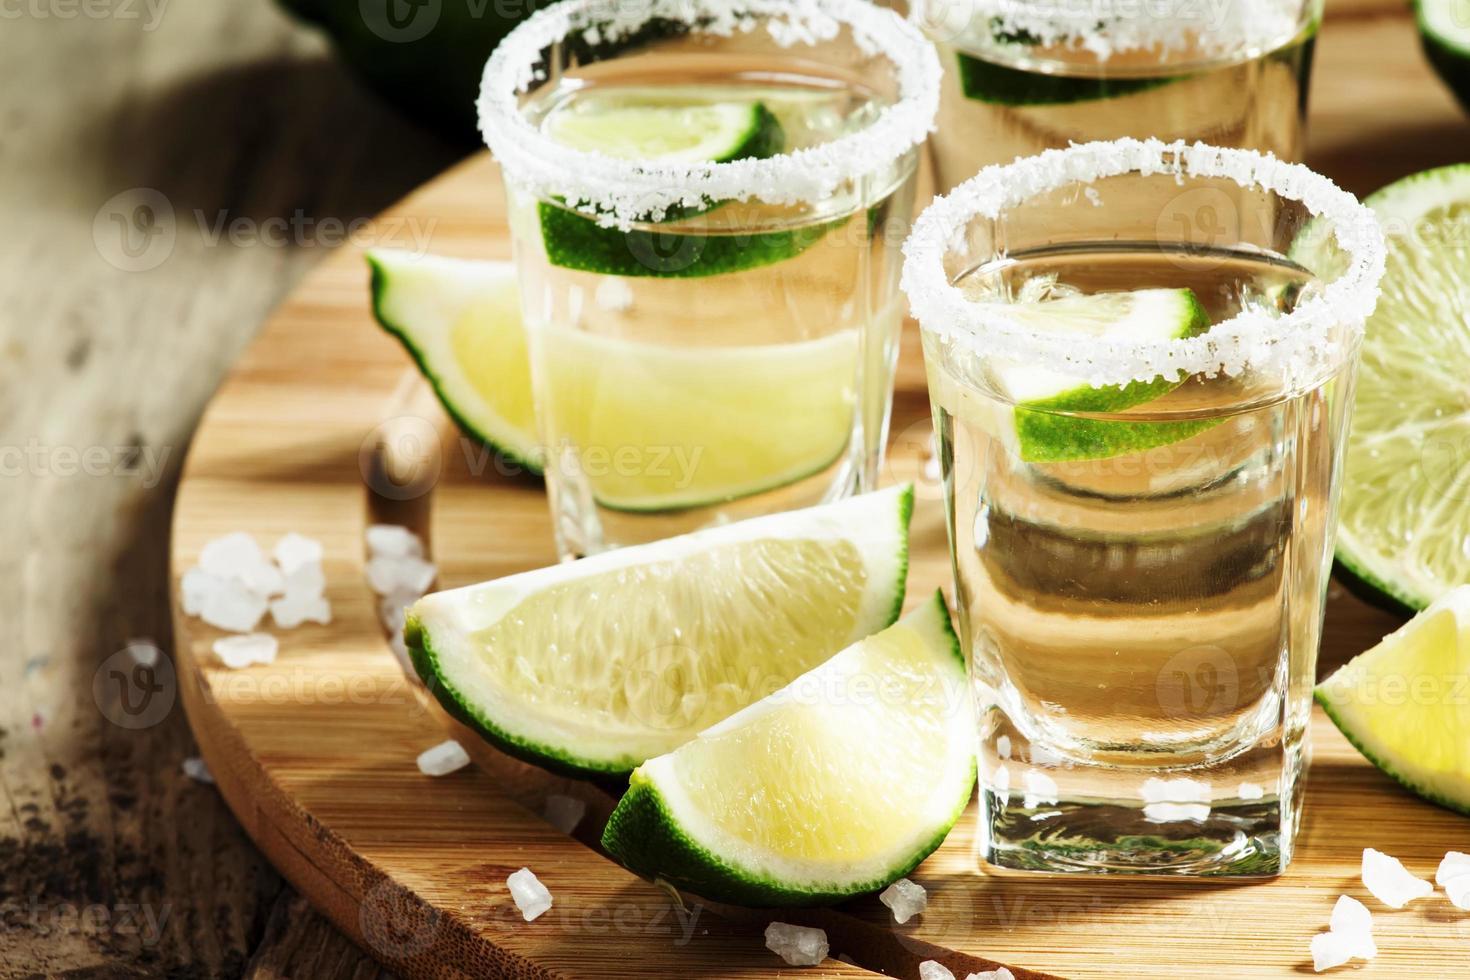 tequila mexicano de plata con lima y sal foto